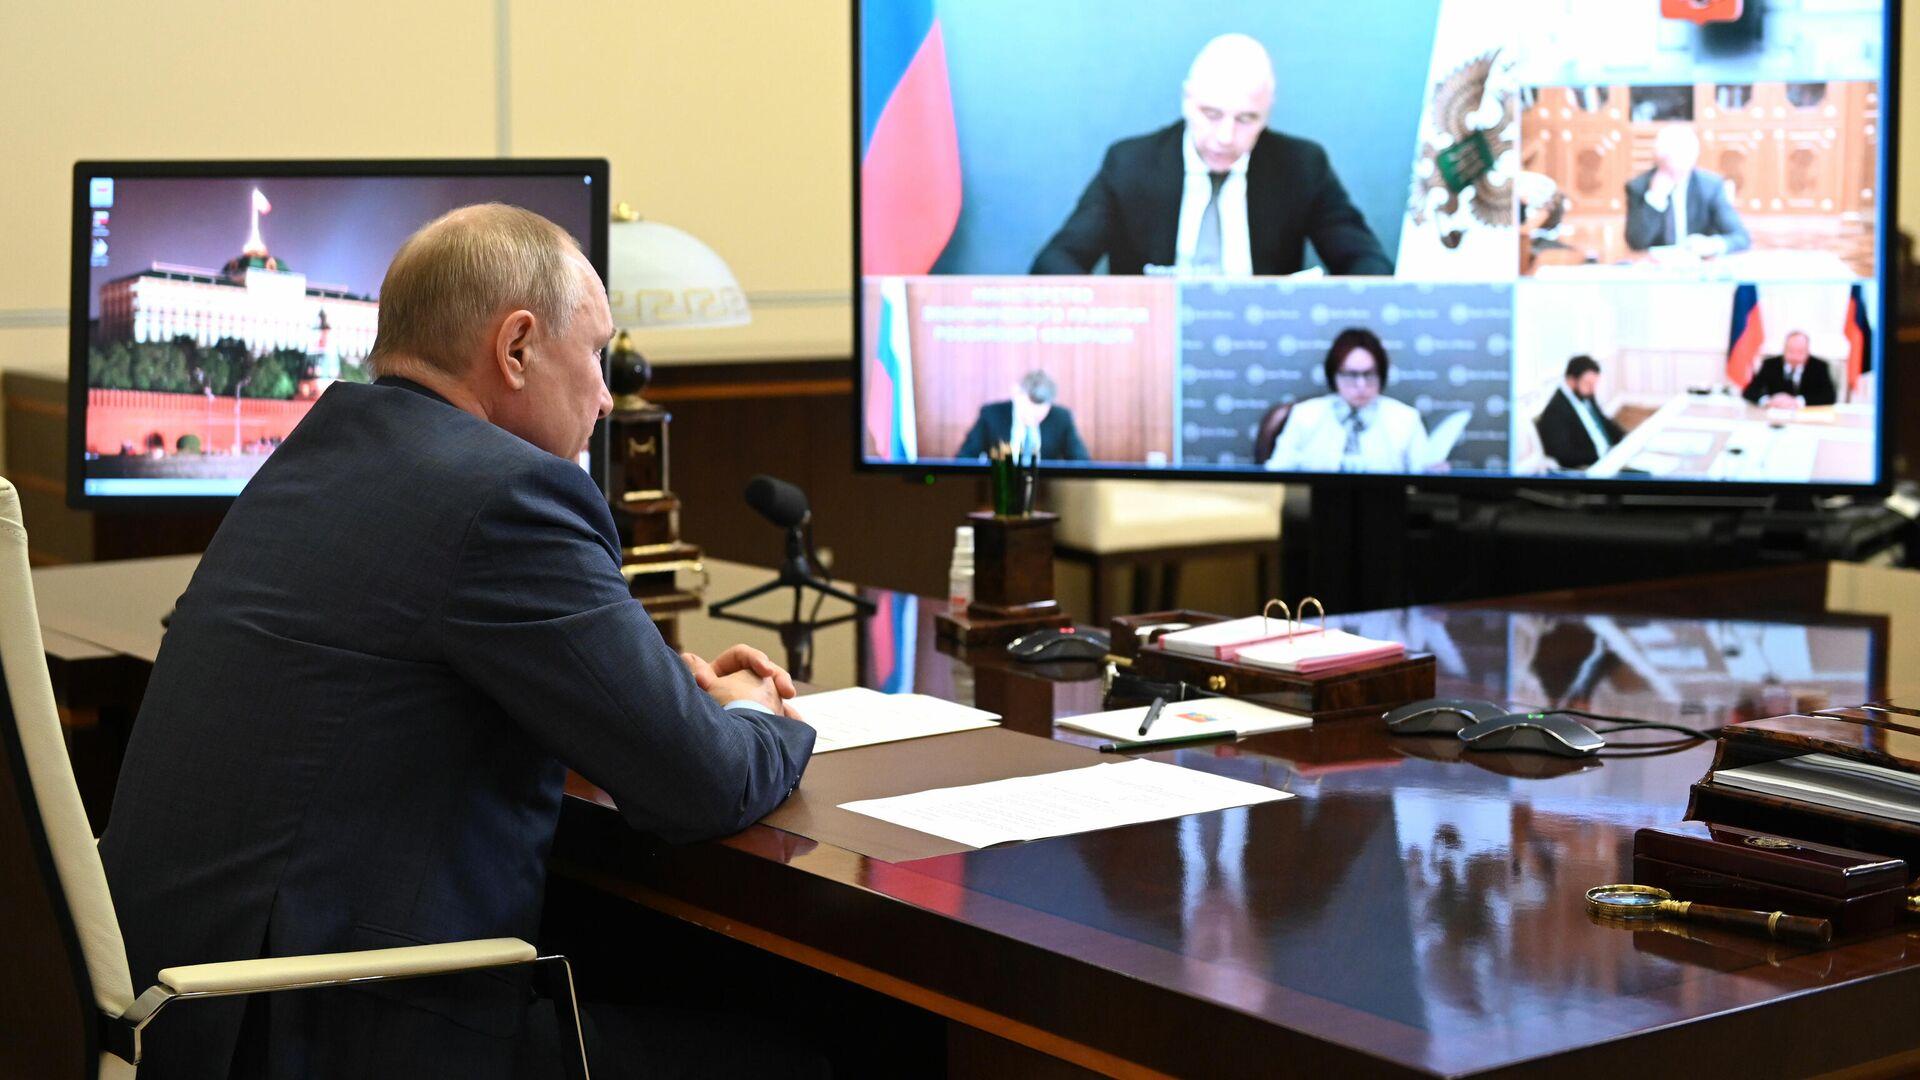 Владимир Путин проводит совещание по экономическим вопросам в режиме видеоконференции - РИА Новости, 1920, 27.07.2021